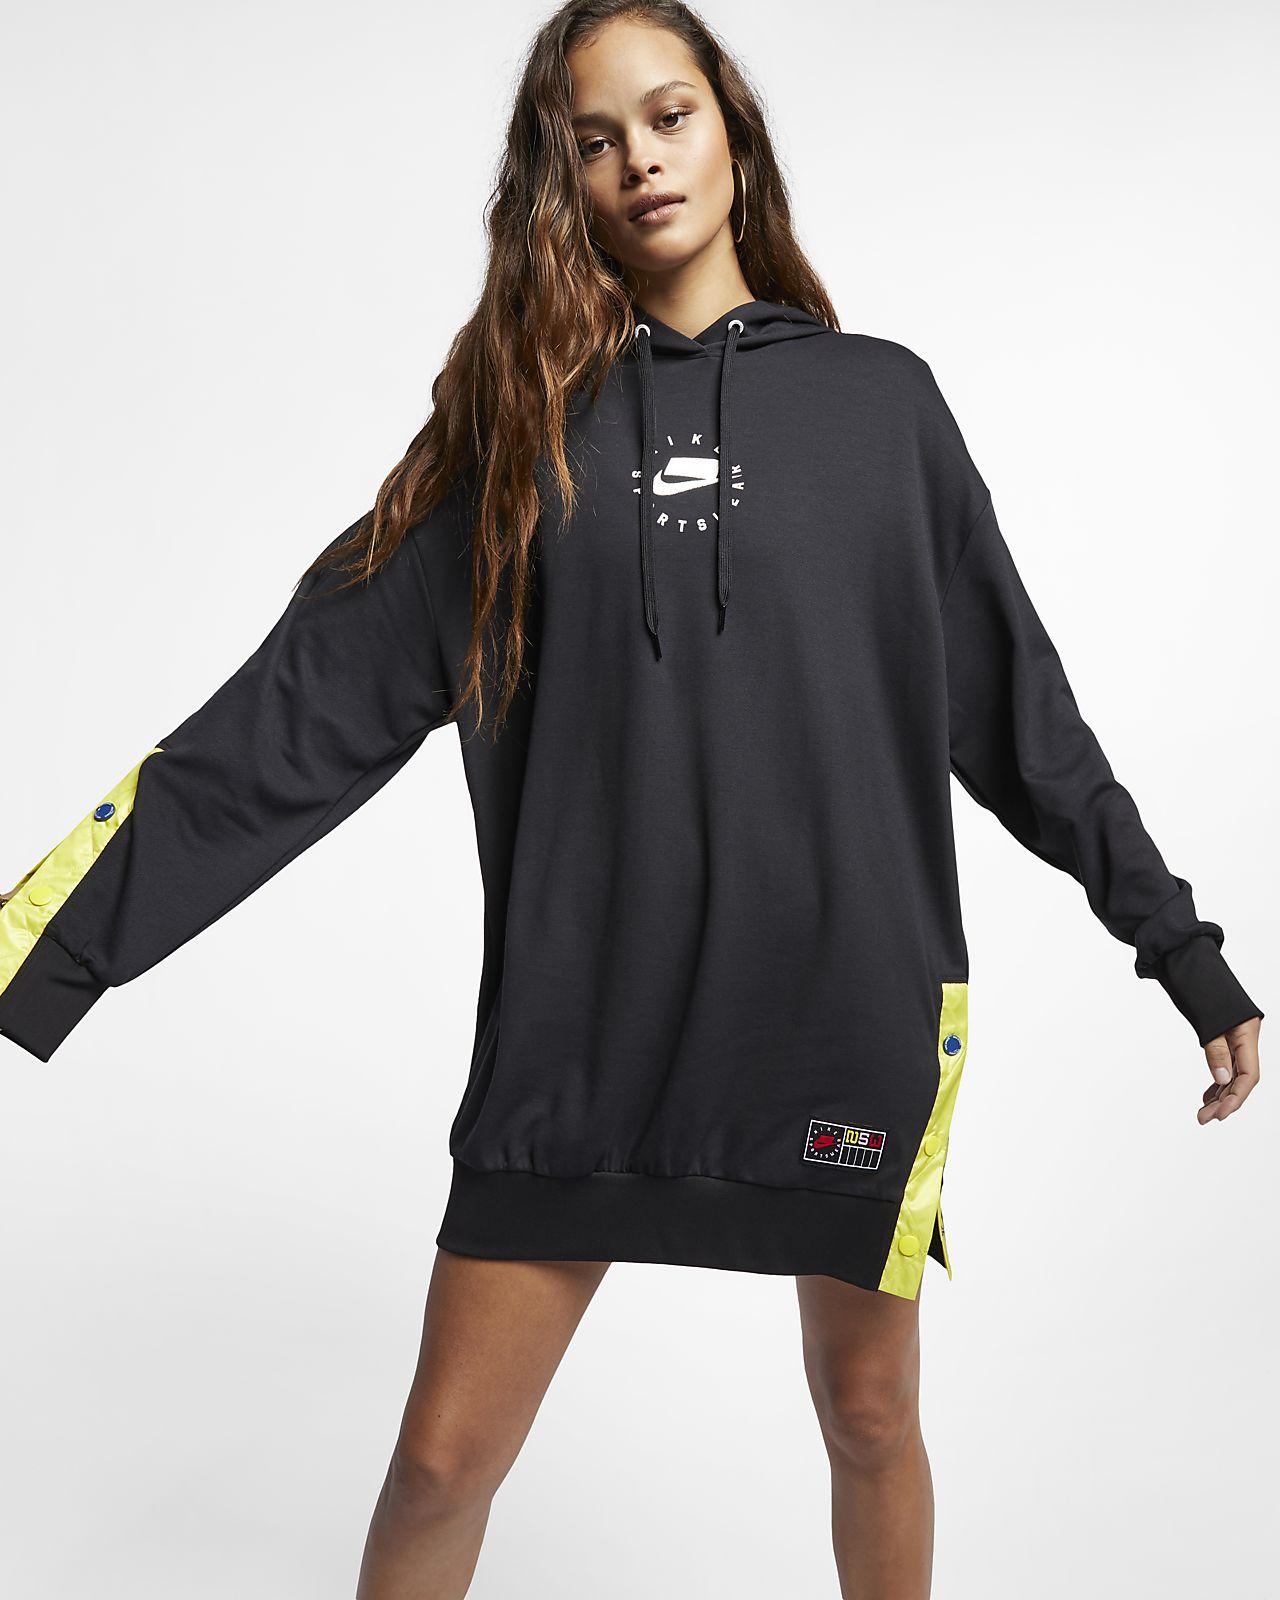 nuova collezione 8436b d9800 Felpa abito con cappuccio Nike Sportswear NSW - Donna